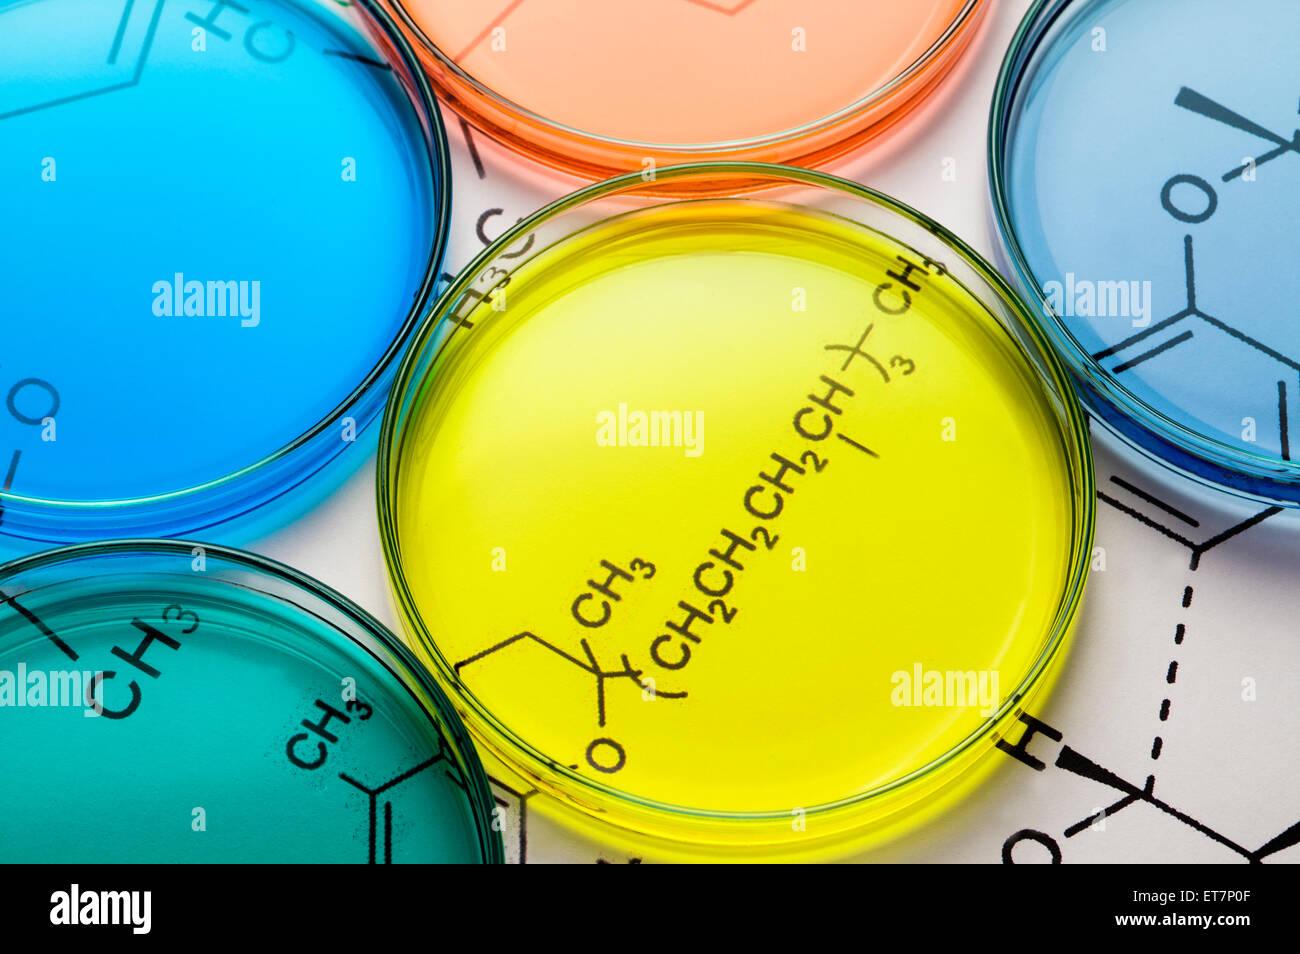 Gesundheitswesen und Medizin, Glas, Laborglas, Utensilien, Petrischale Stockbild